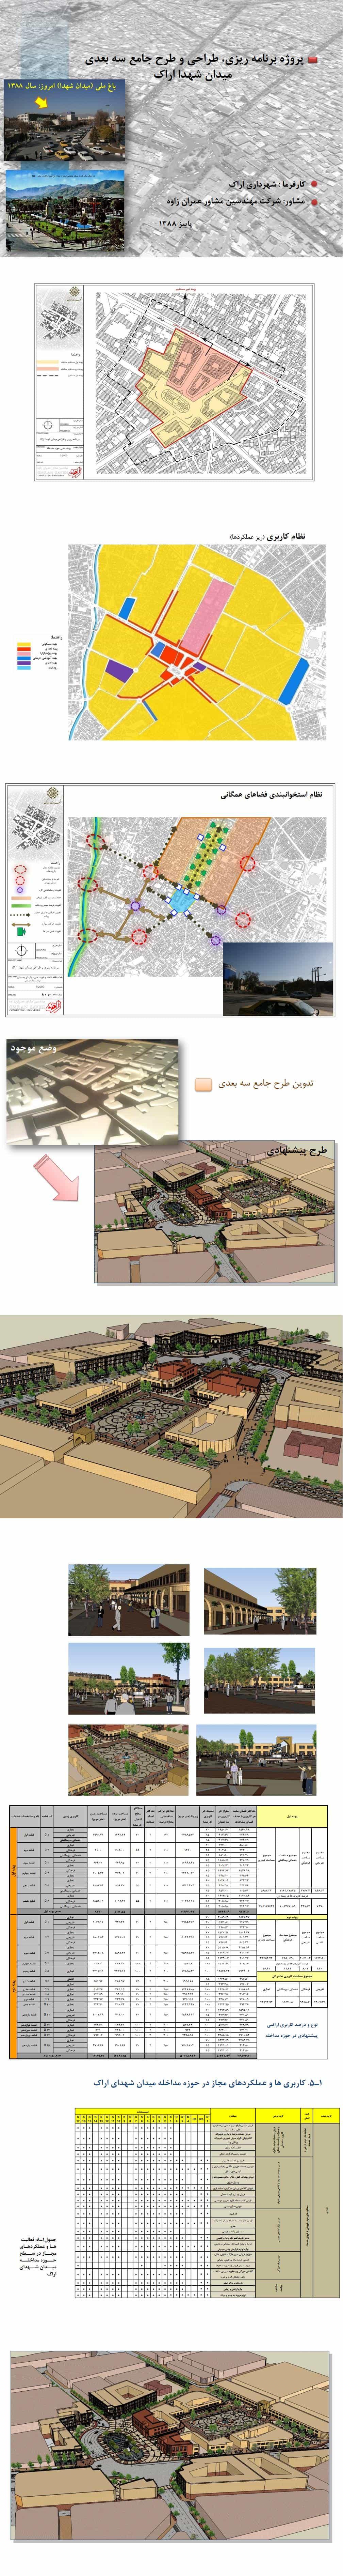 دانلود طرح جامع میدان شهدای اراک